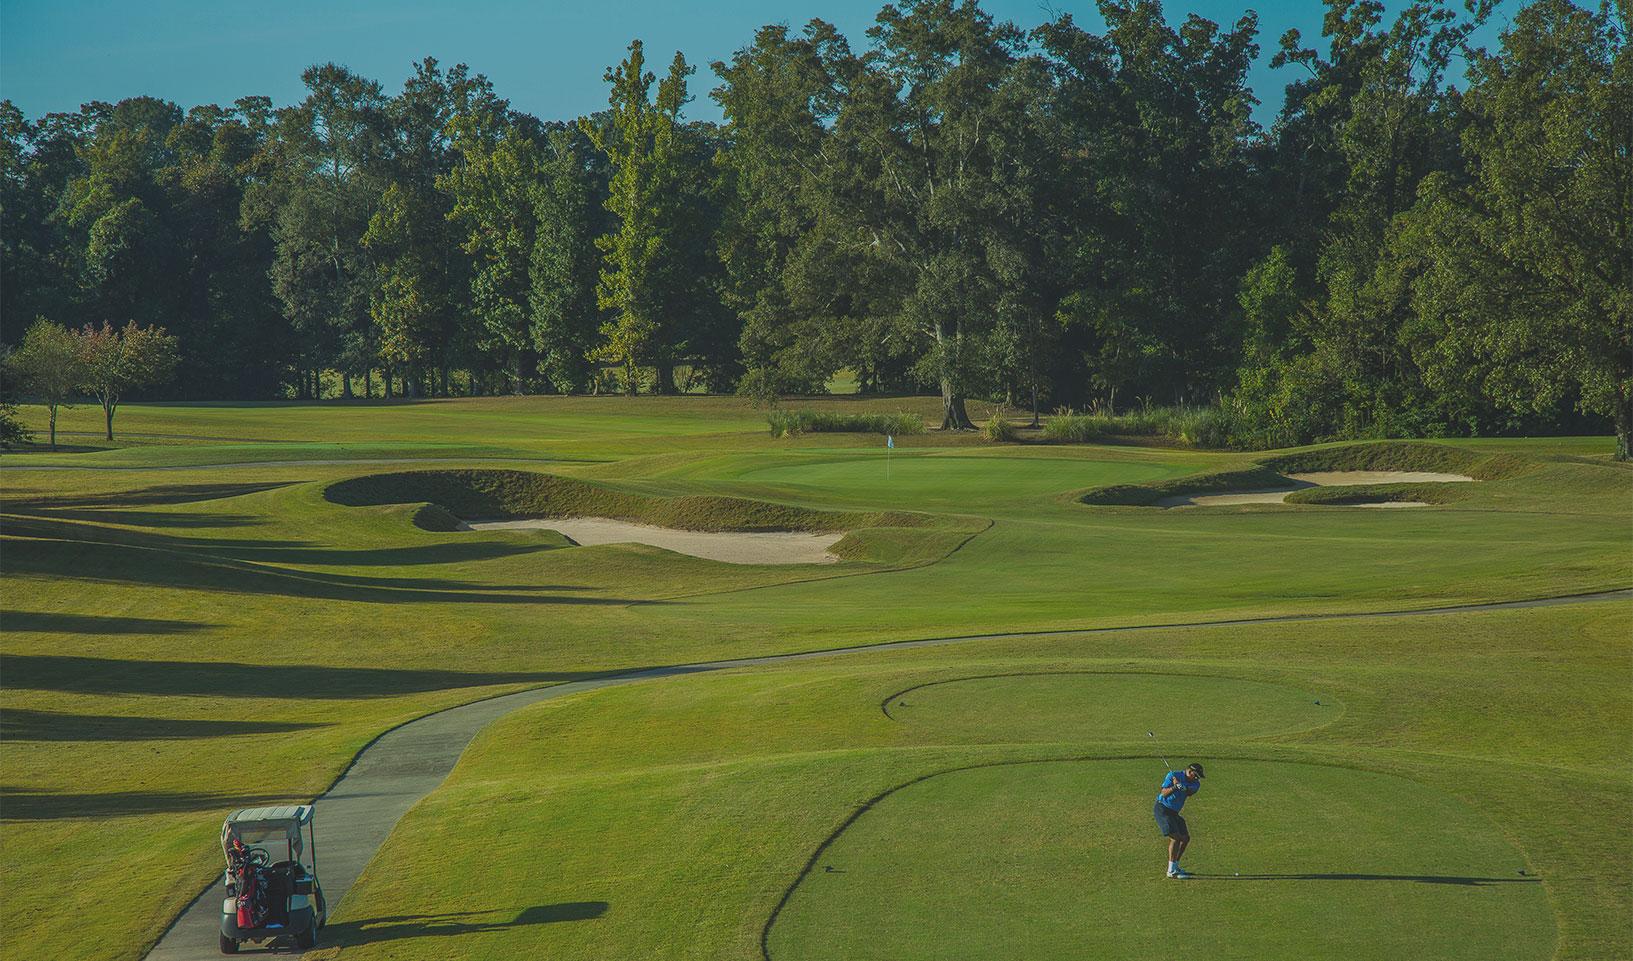 paragon casino golf